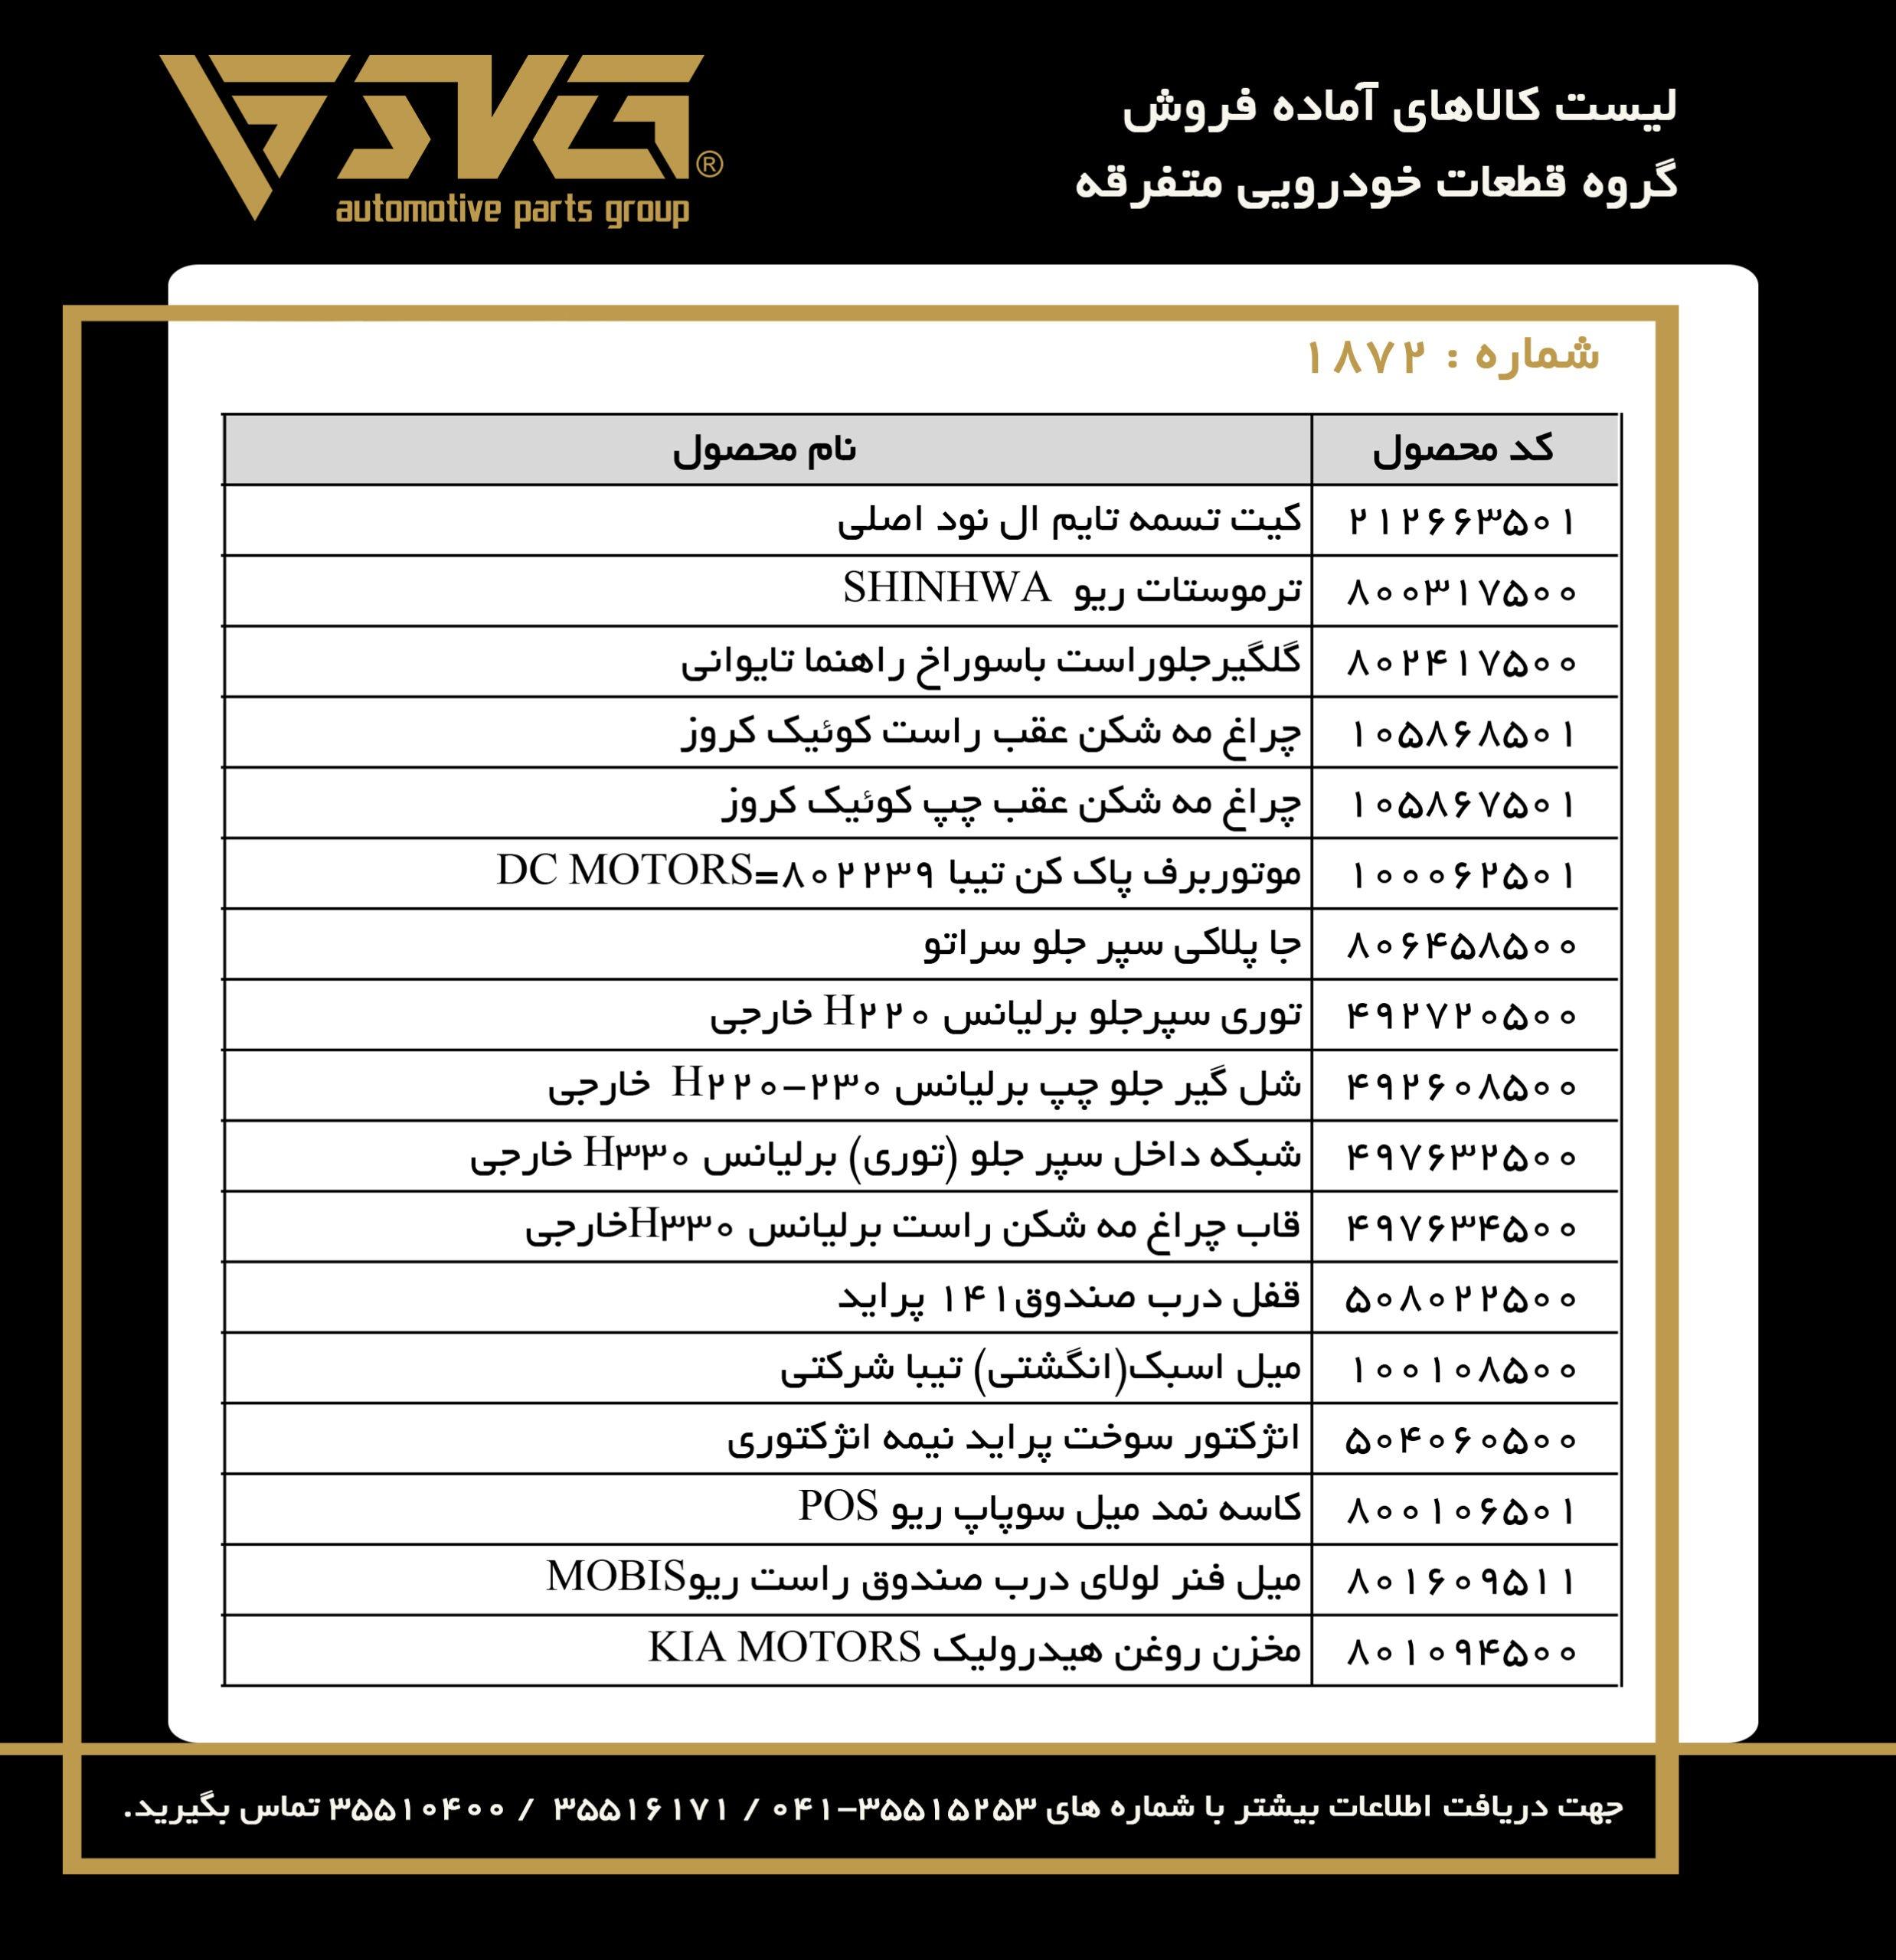 آماده فروش 13 بهمن 99